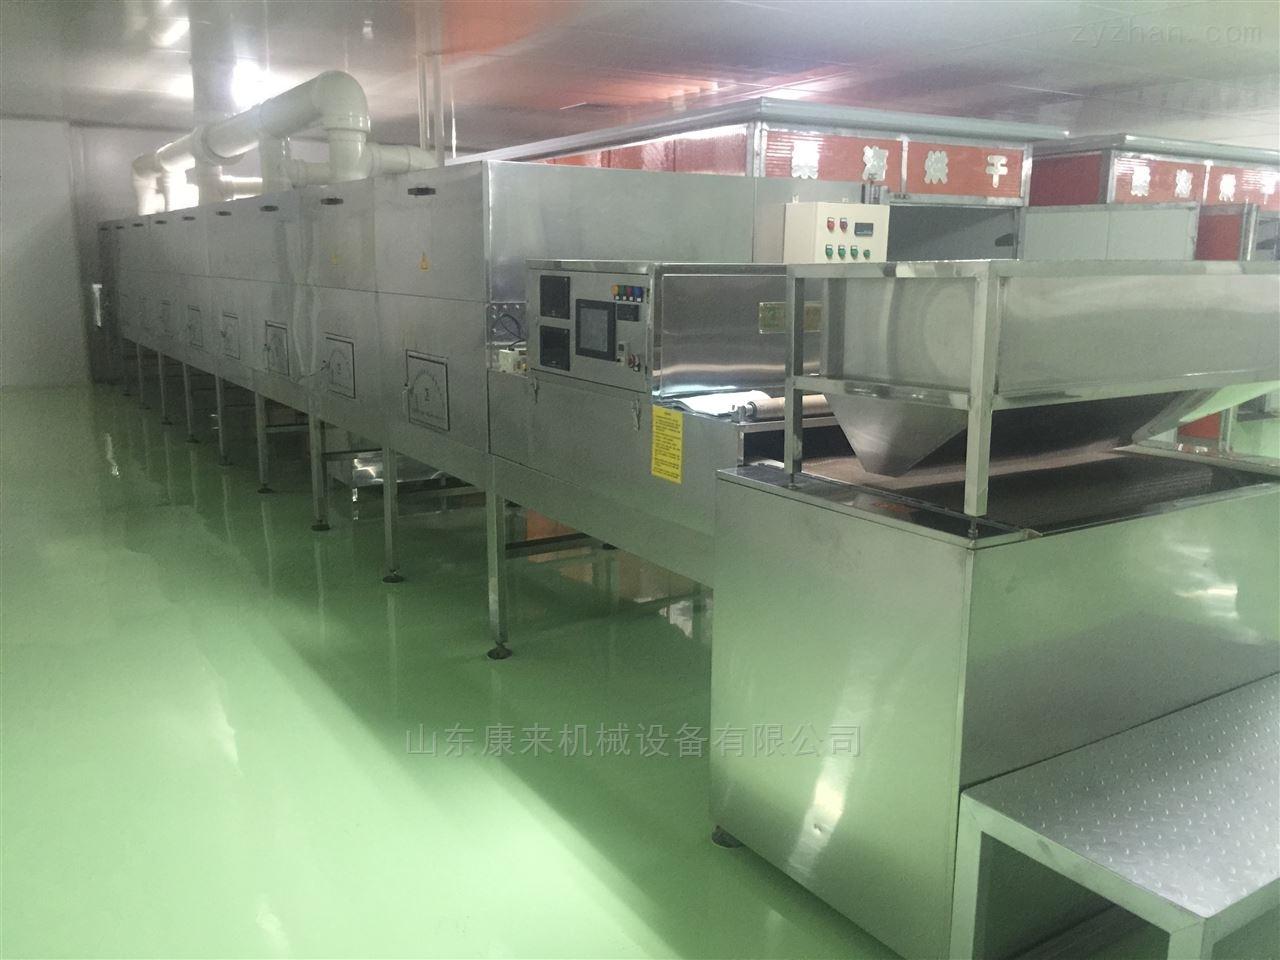 kl-50-8-菌类食品杀菌设备木耳蘑菇烘干设备